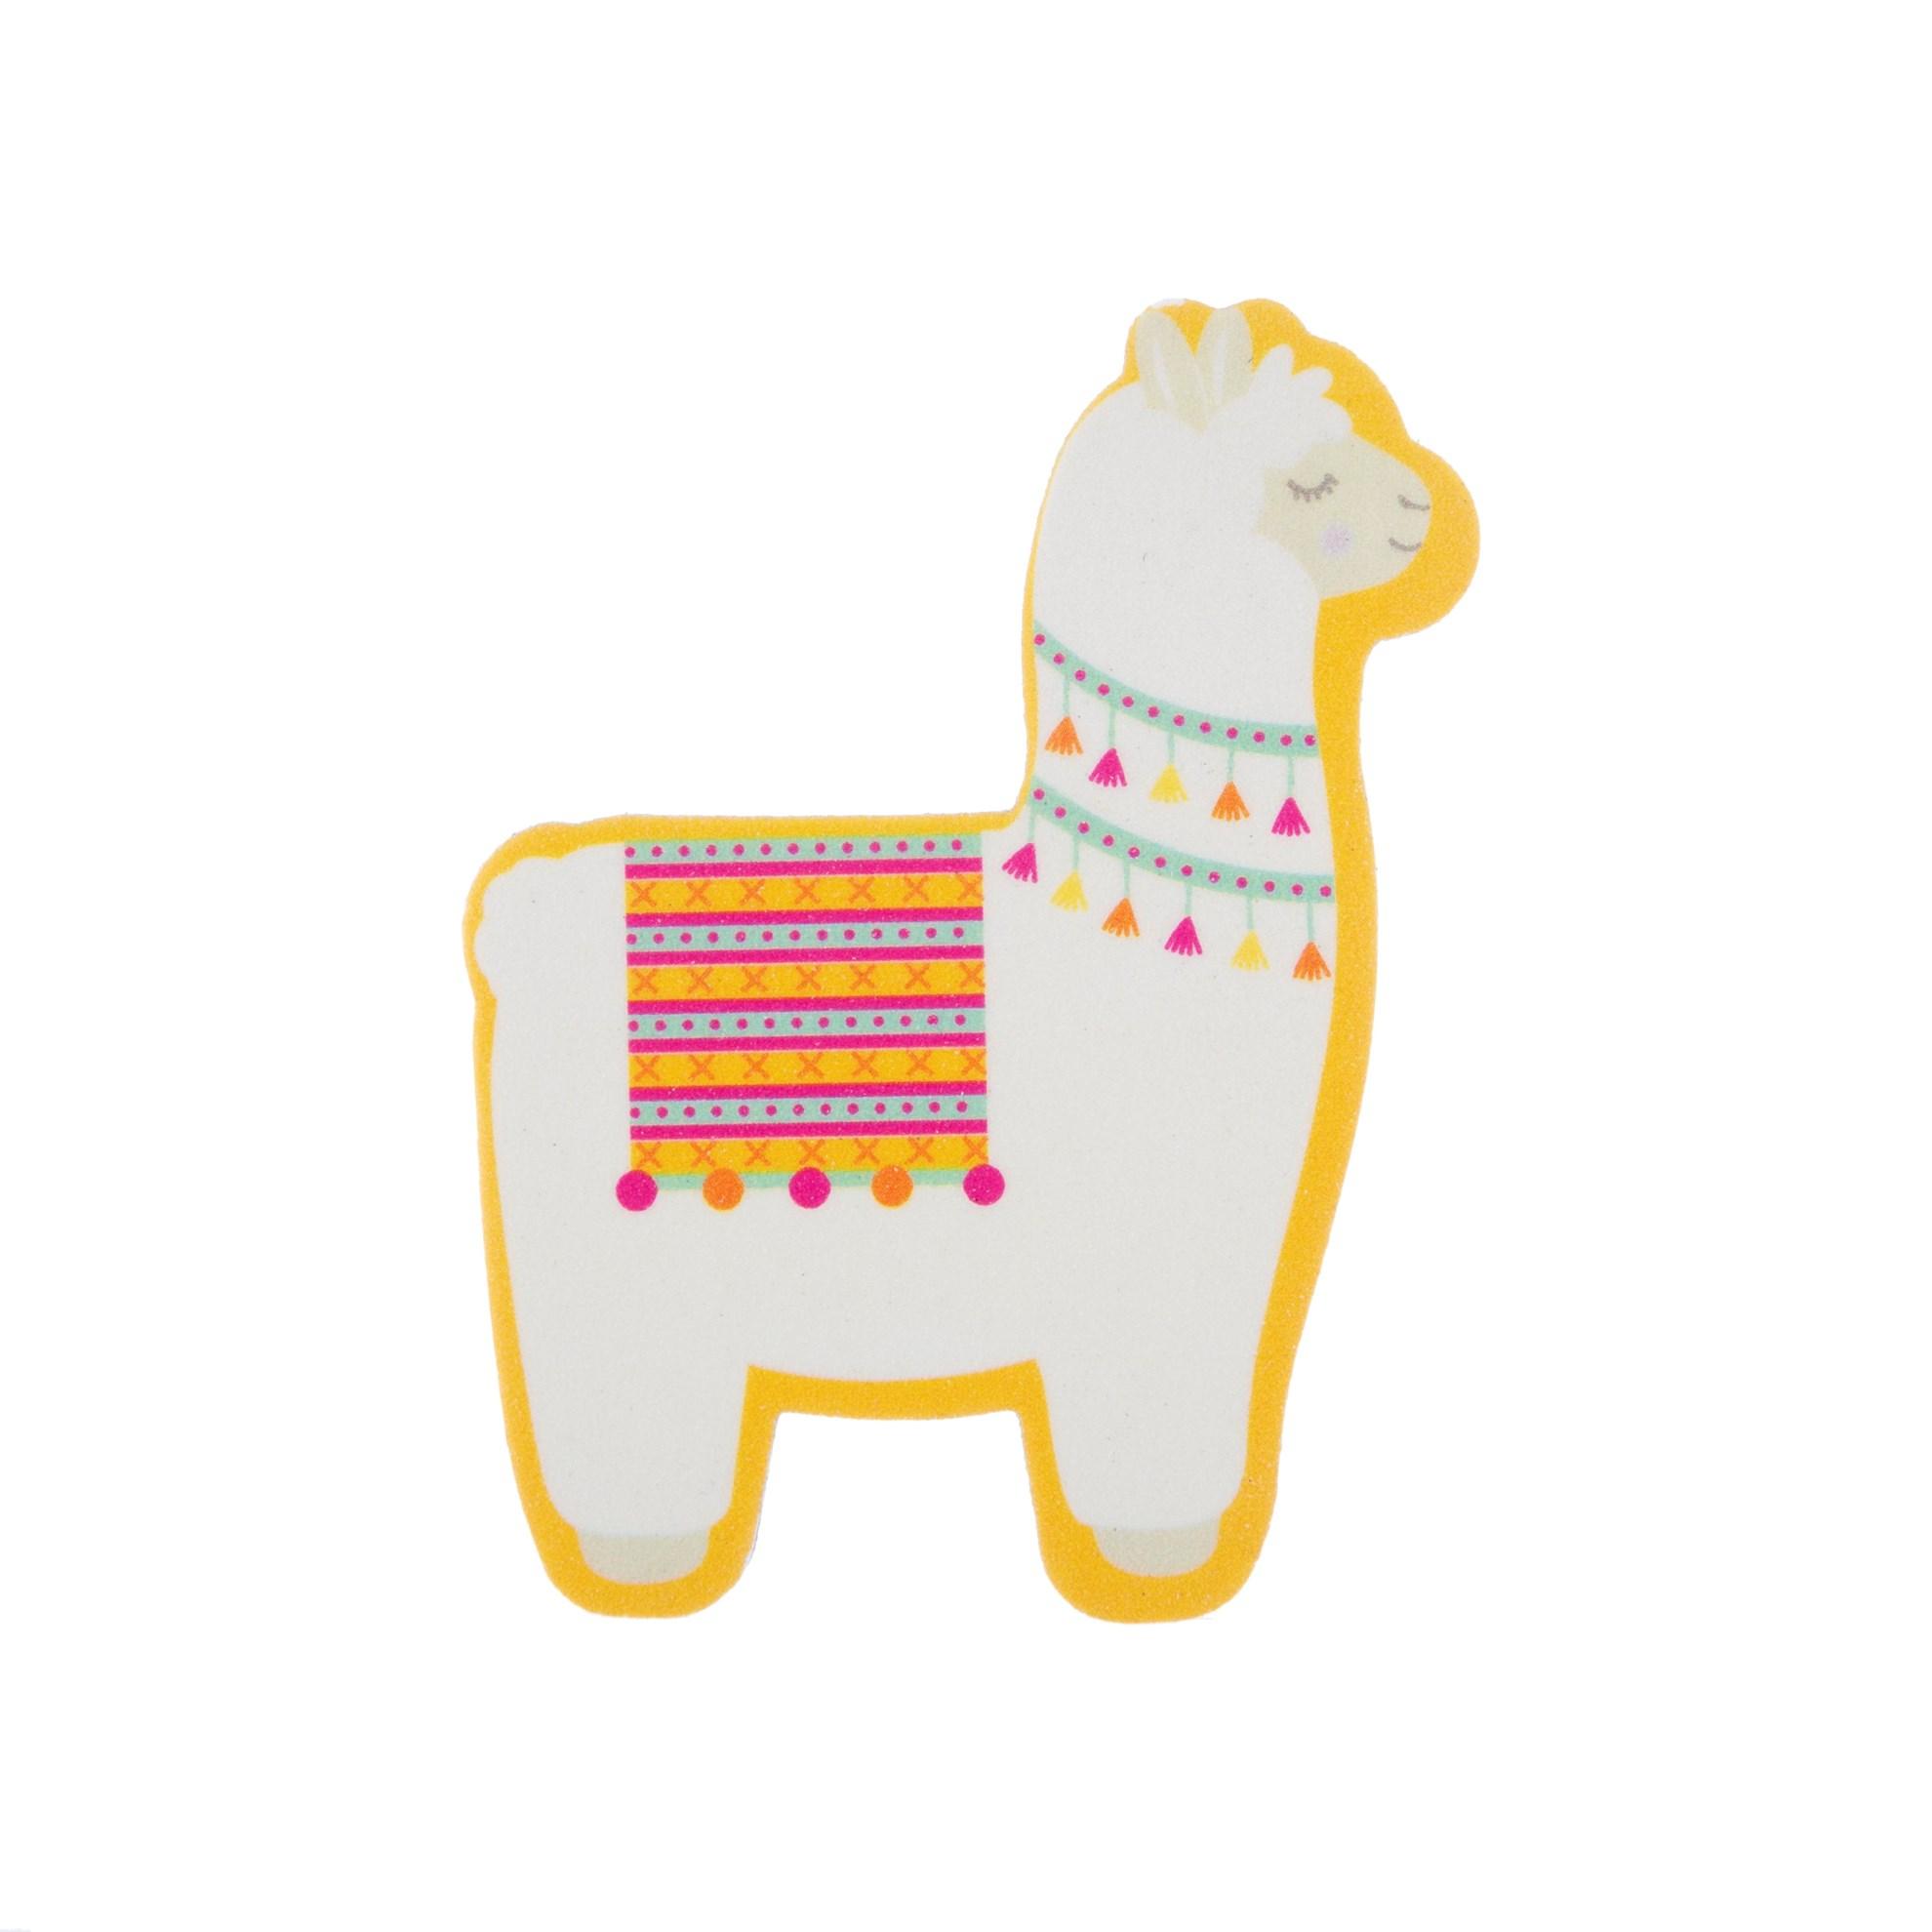 Dětský pilník na nehty Lima Llama 4dr. cena/ks_2